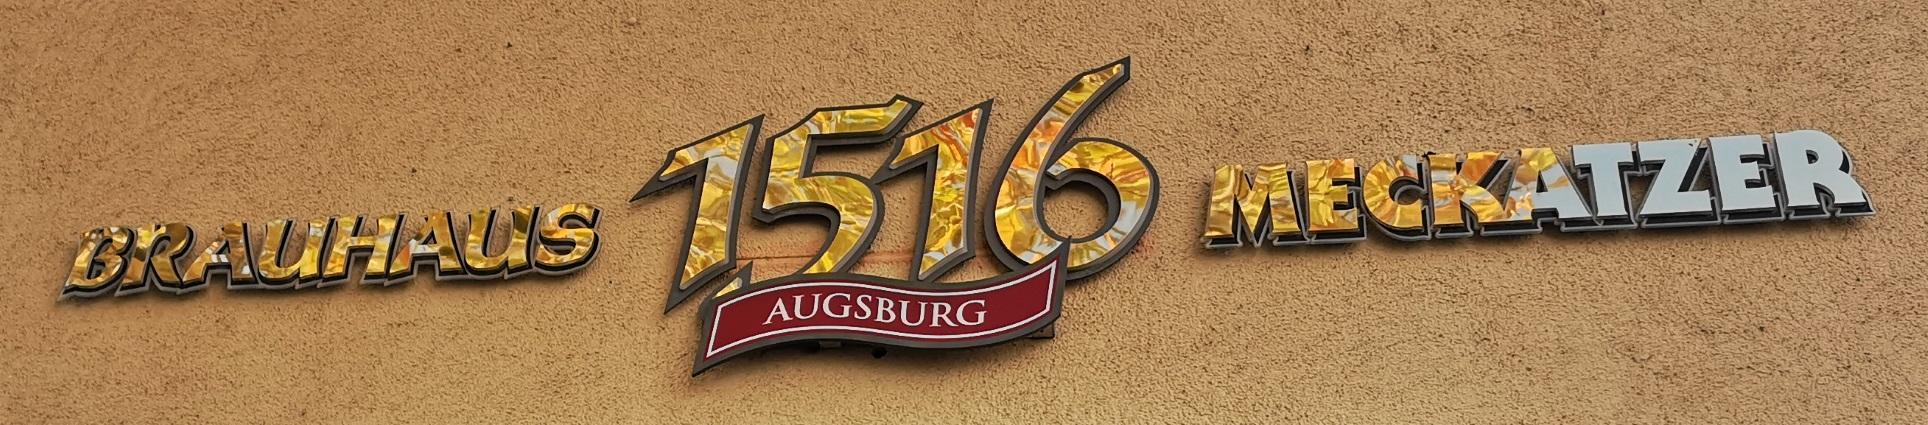 Brauhaus 1516 Augsburg, Augsburg, Bier in Bayern, Bier vor Ort, Bierreisen, Craft Beer, Bierrestaurant